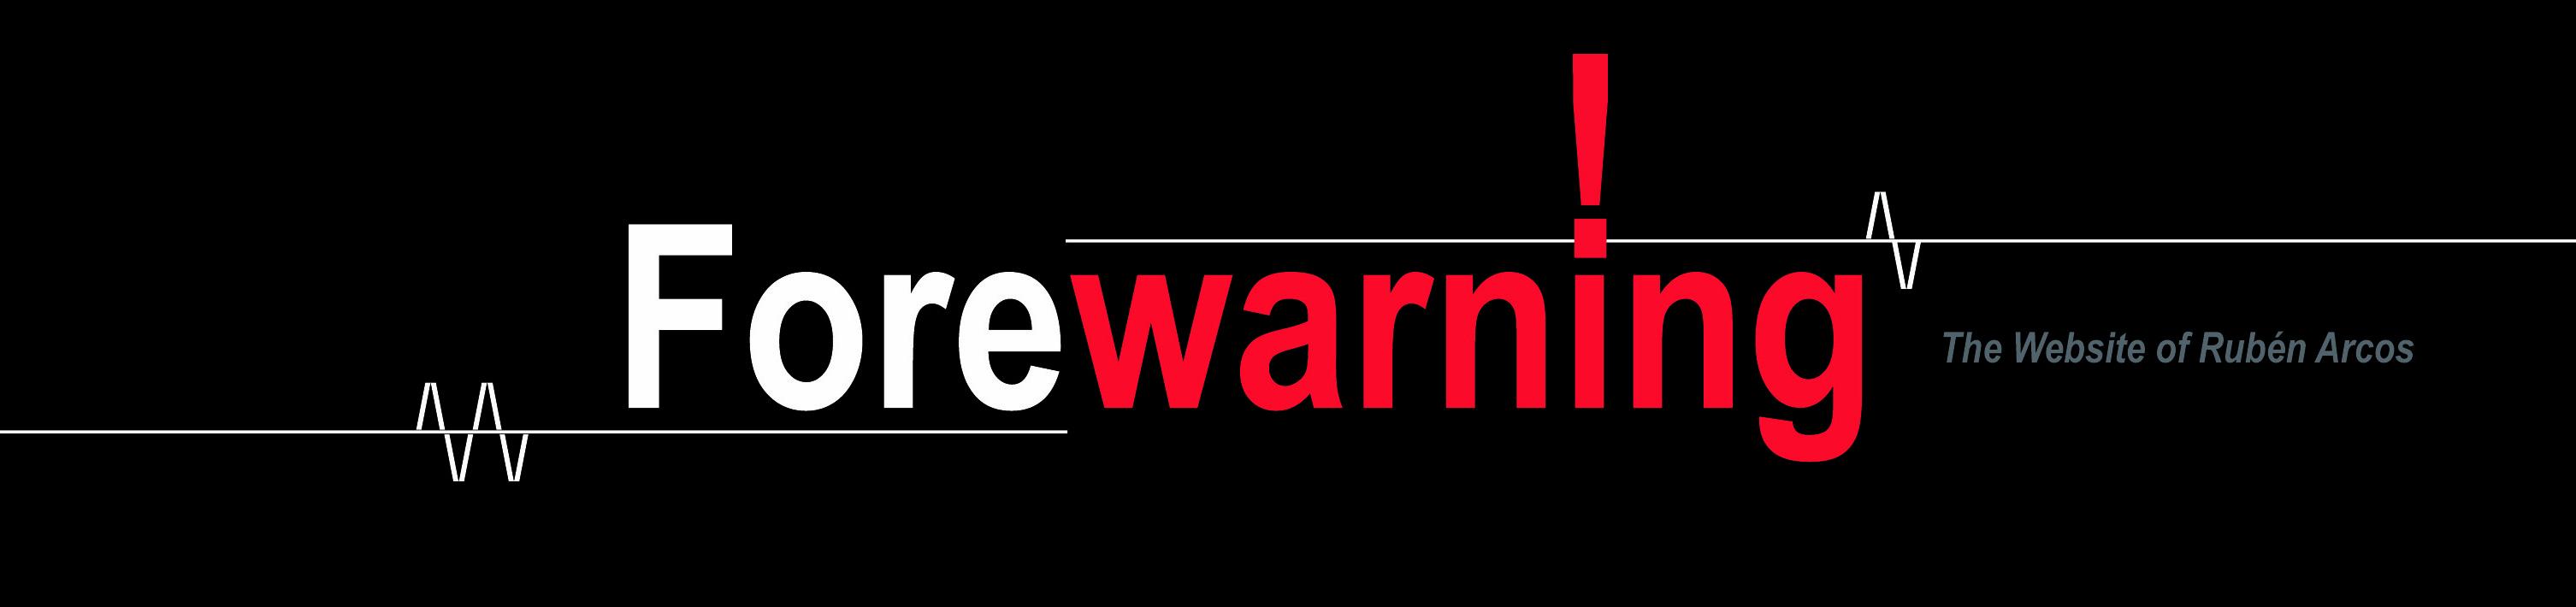 Forewarning Logo